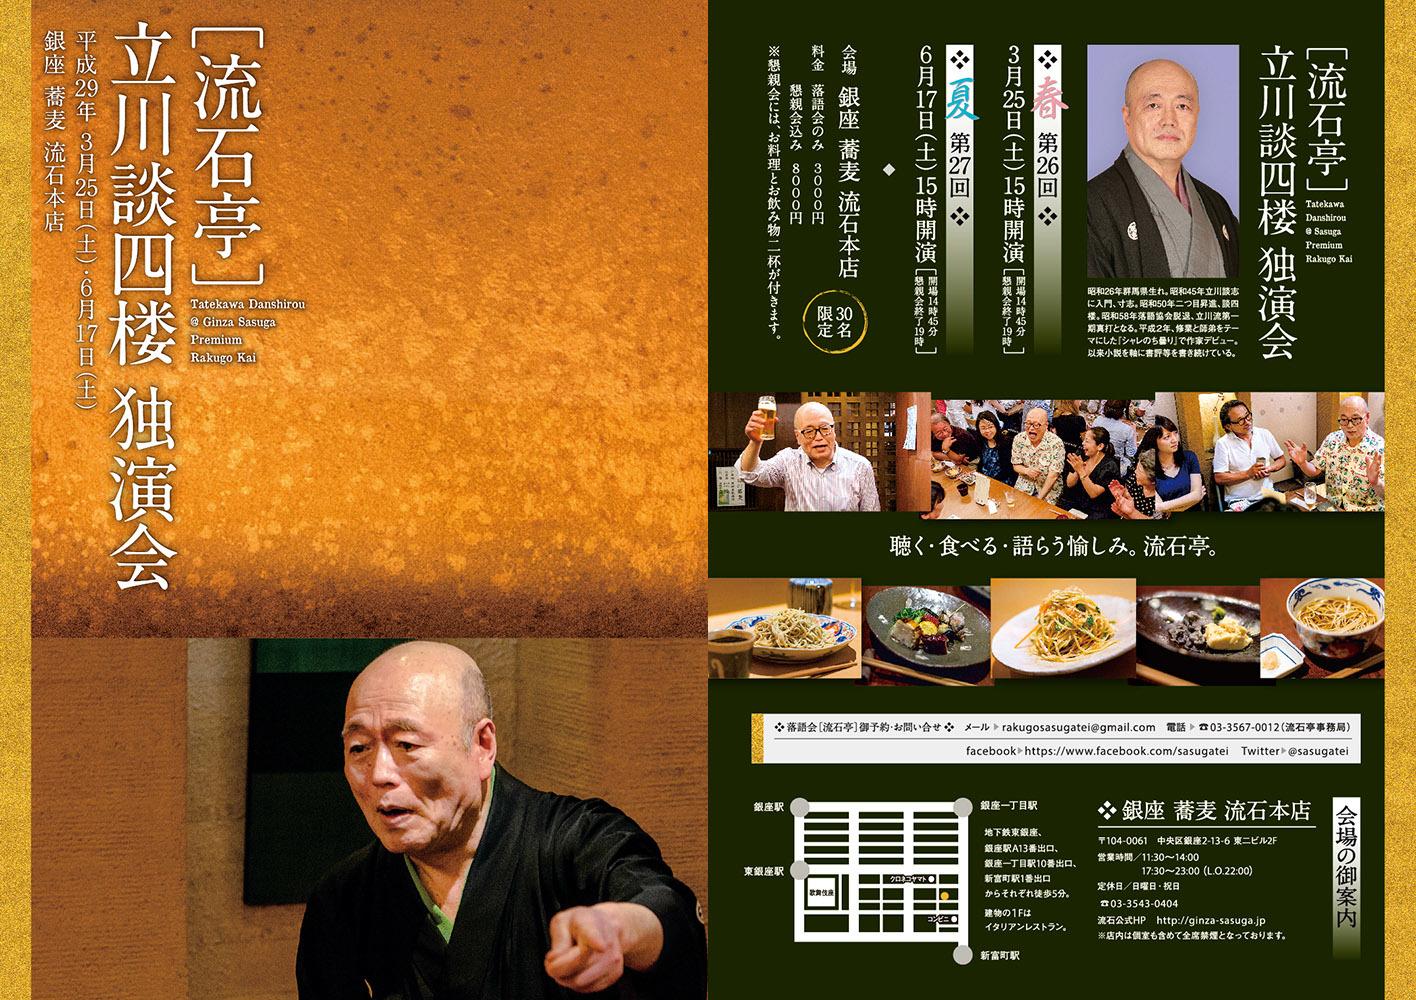 sasugatei_2017a_3.jpg